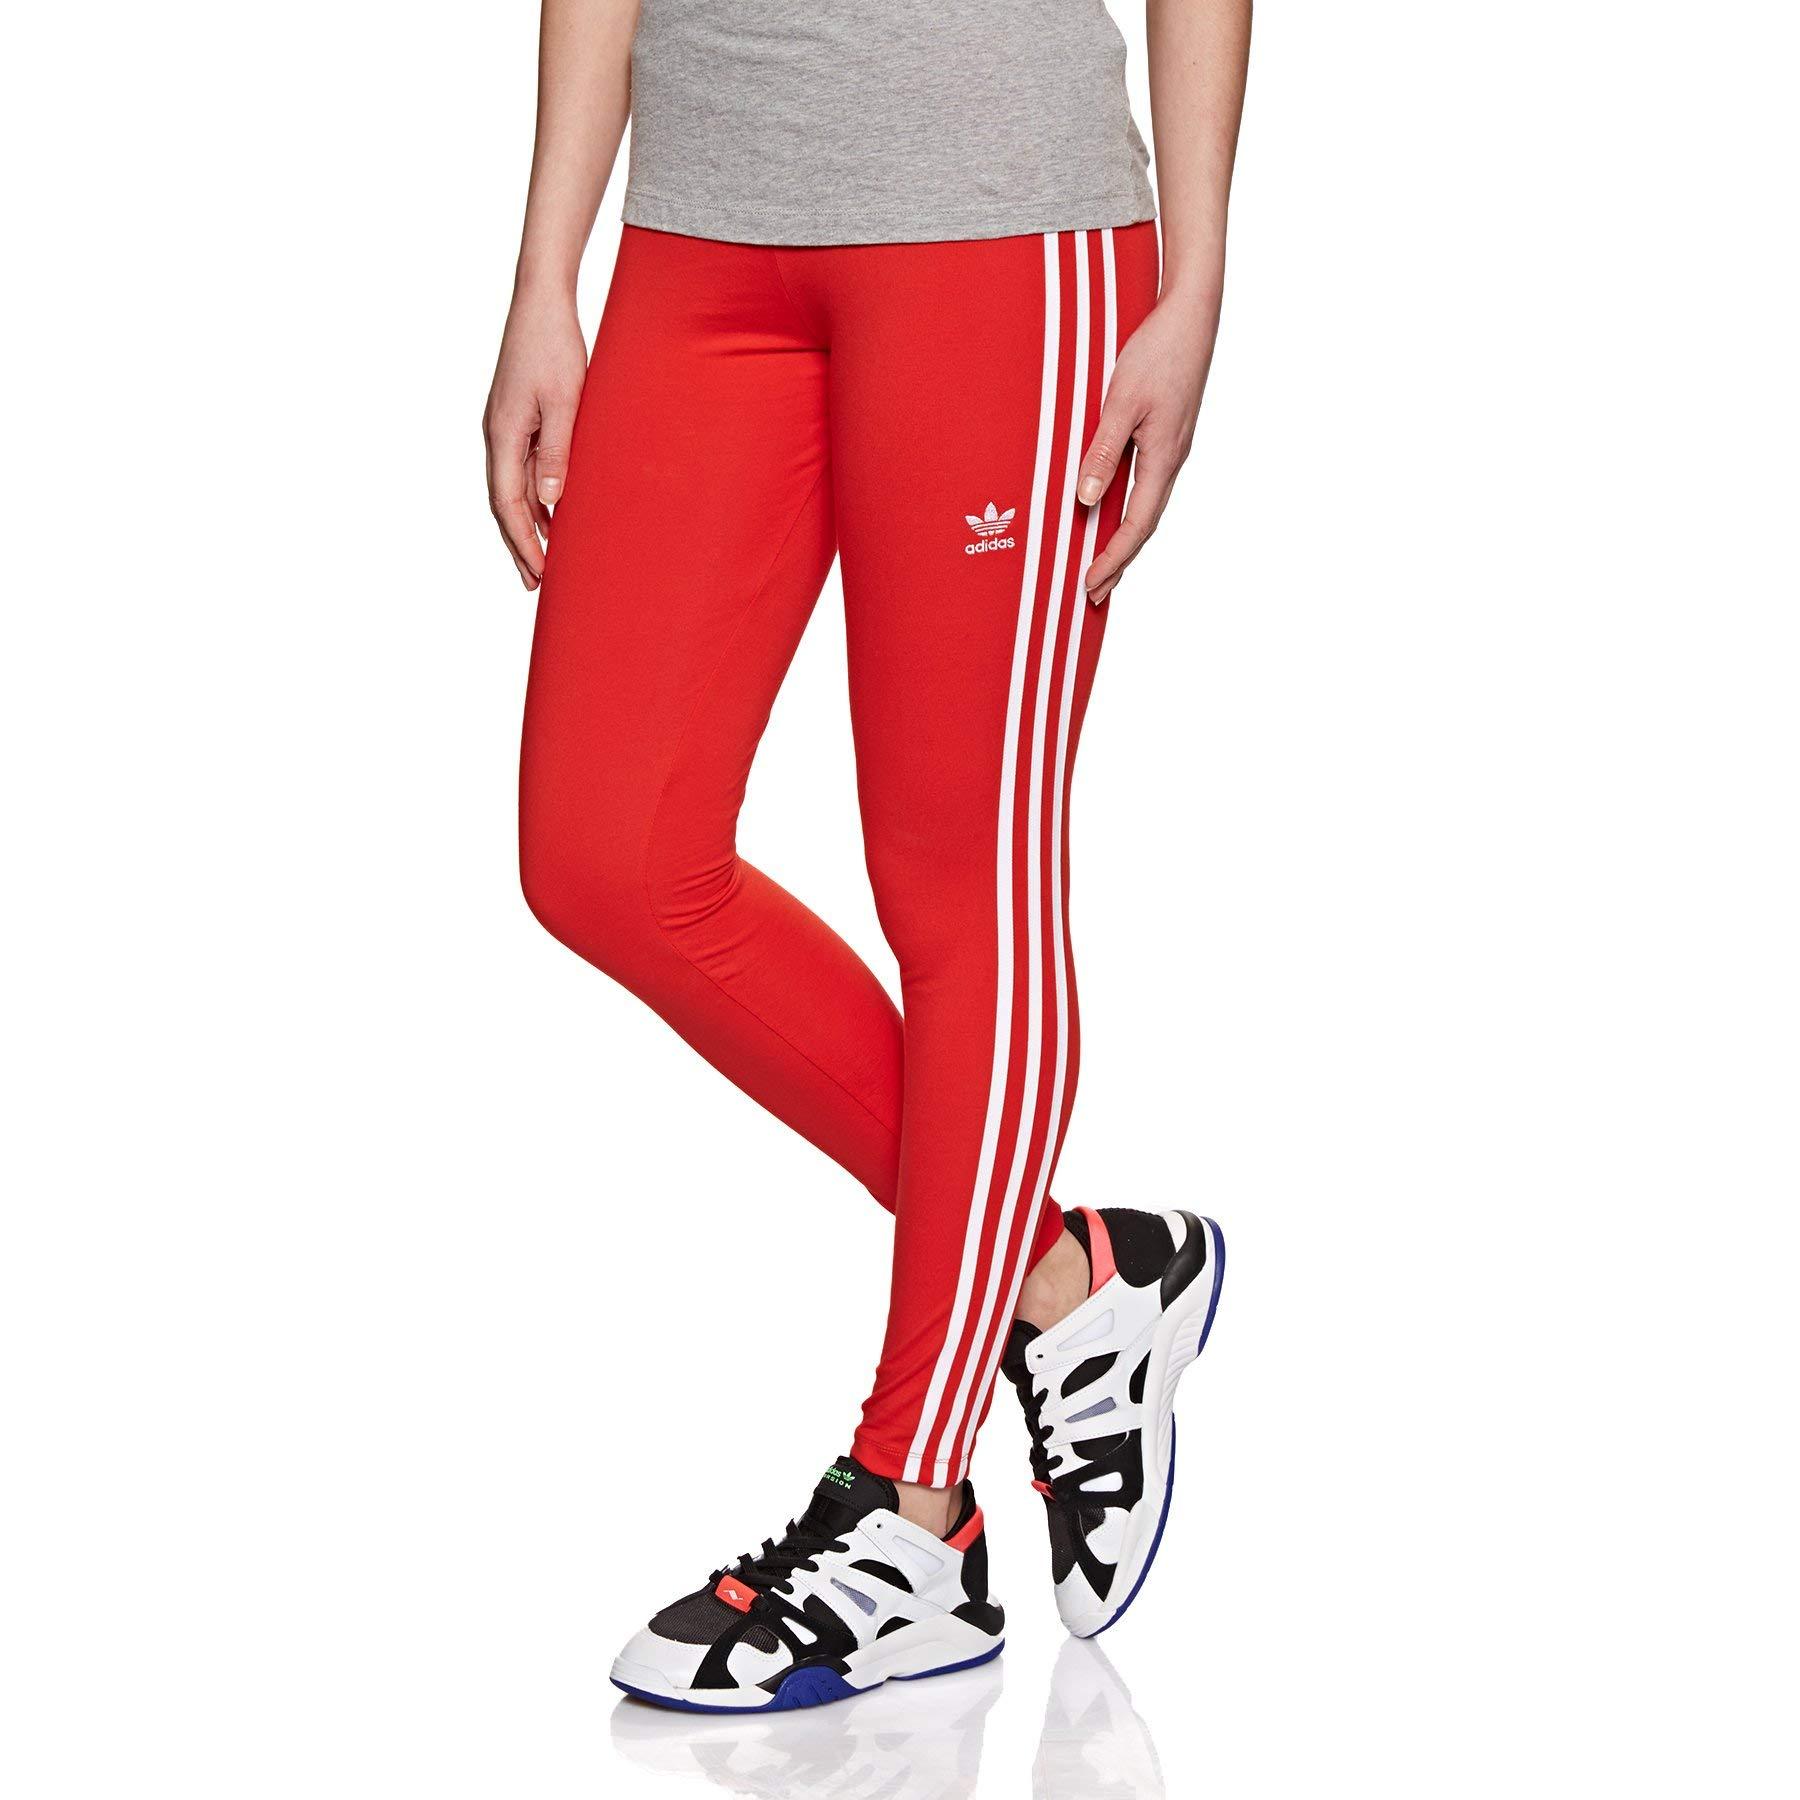 adidas Originals 3 Stripes Tight Leggings UK 12 Reg Active Red